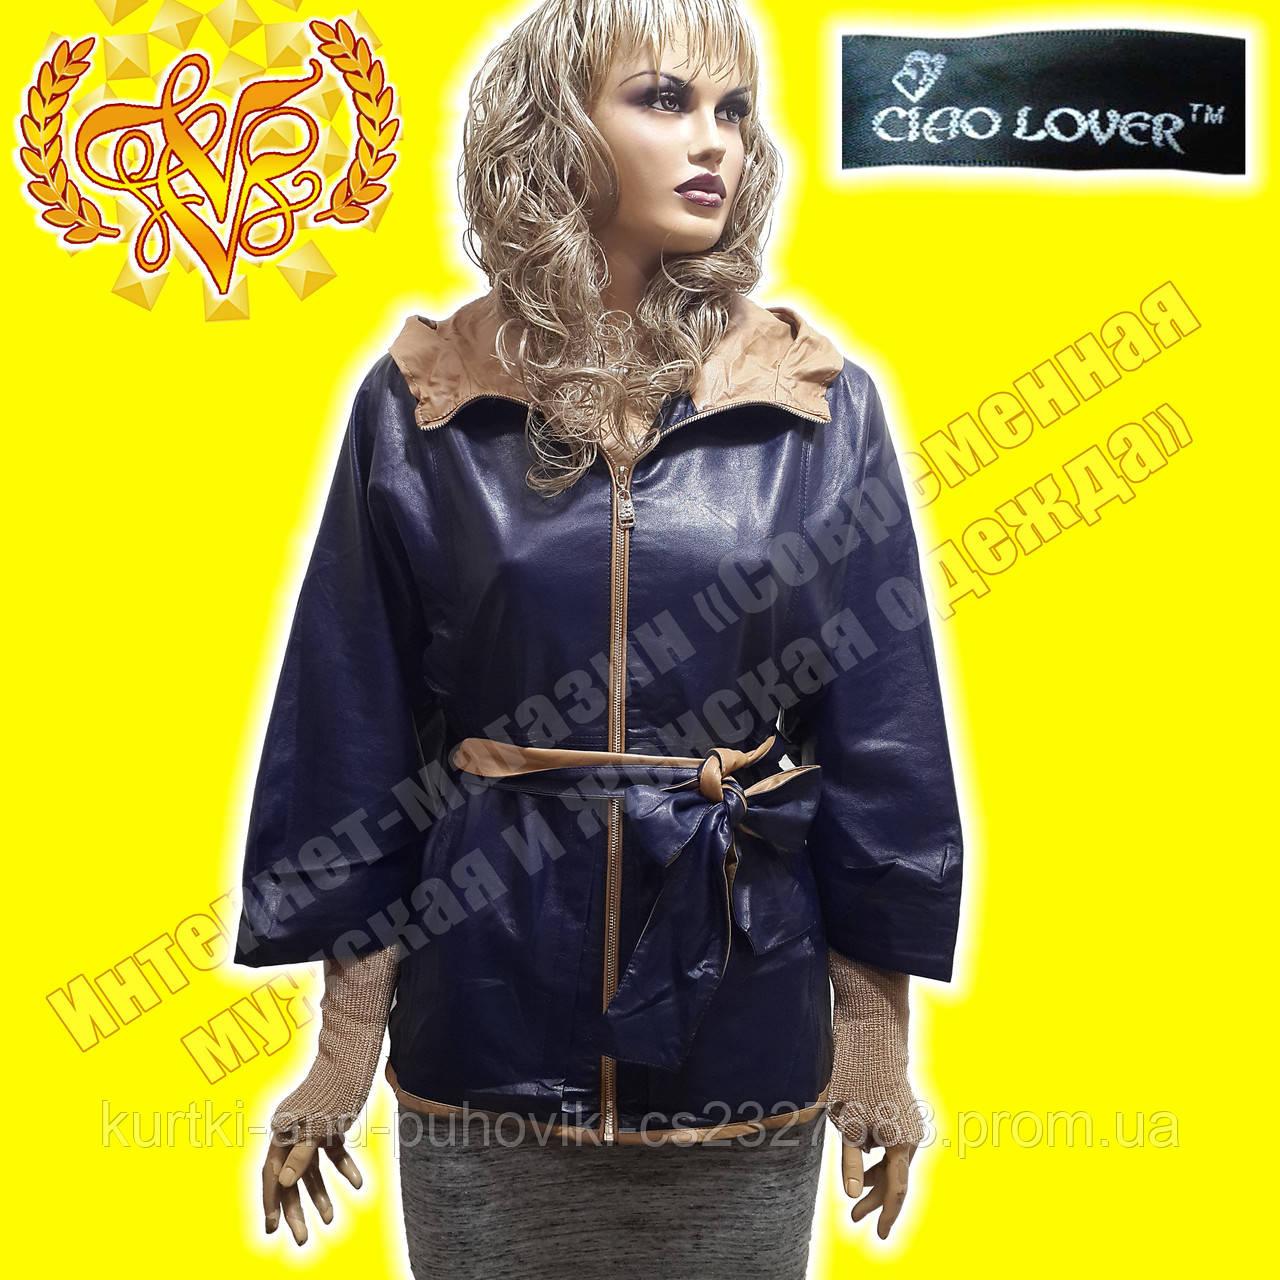 dac59cb54cd Женская демисезонная куртка - Интернет-магазин «Современная мужская и  женская одежда» в Черновцах